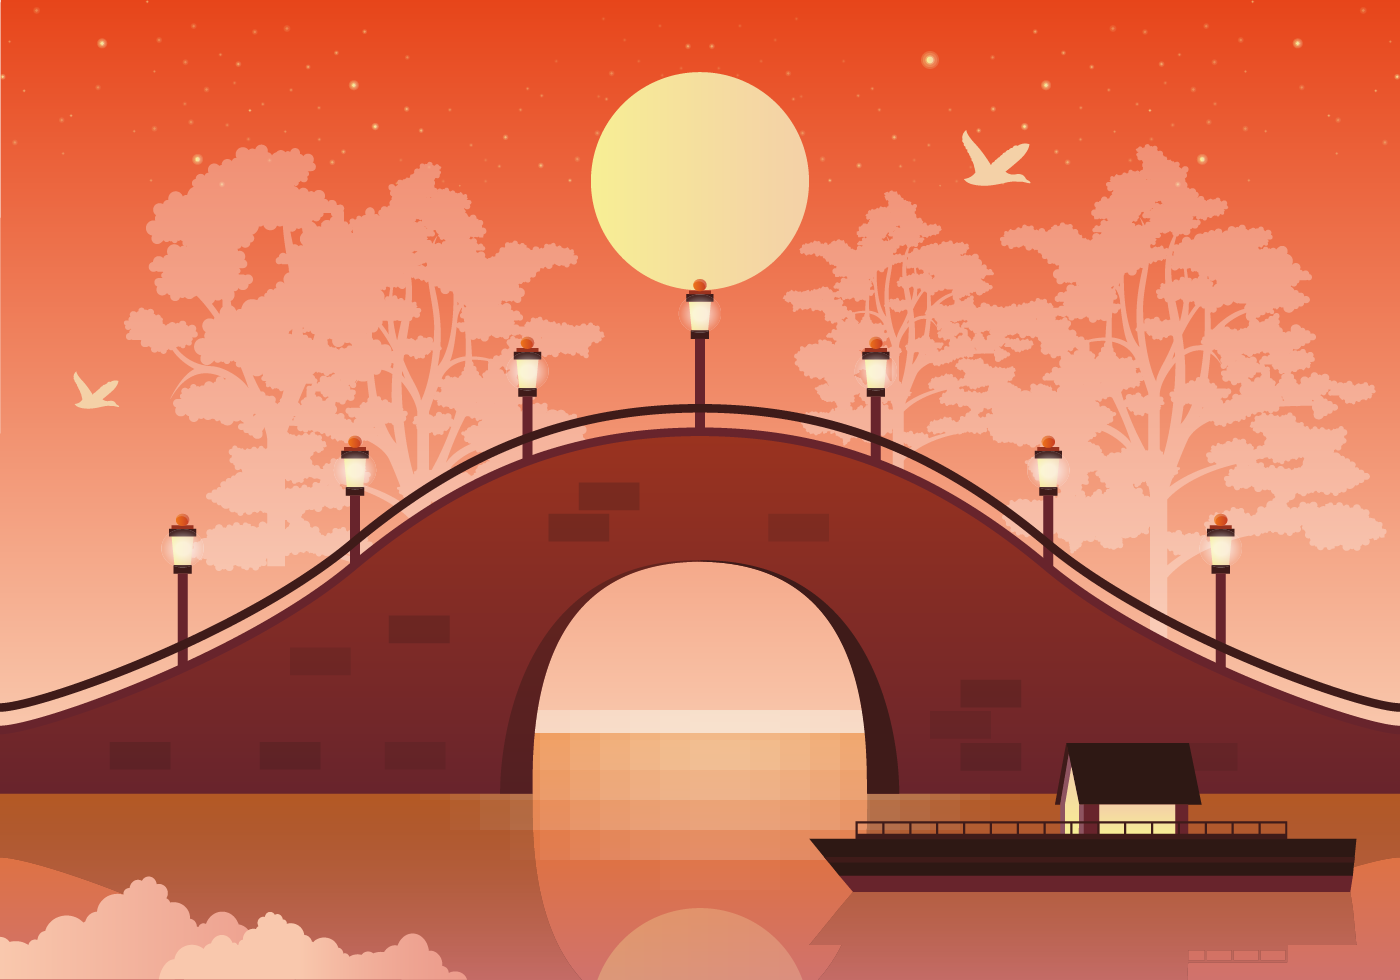 Landscape Illustration Vector Free: Vector Landscape Bridge Illustration